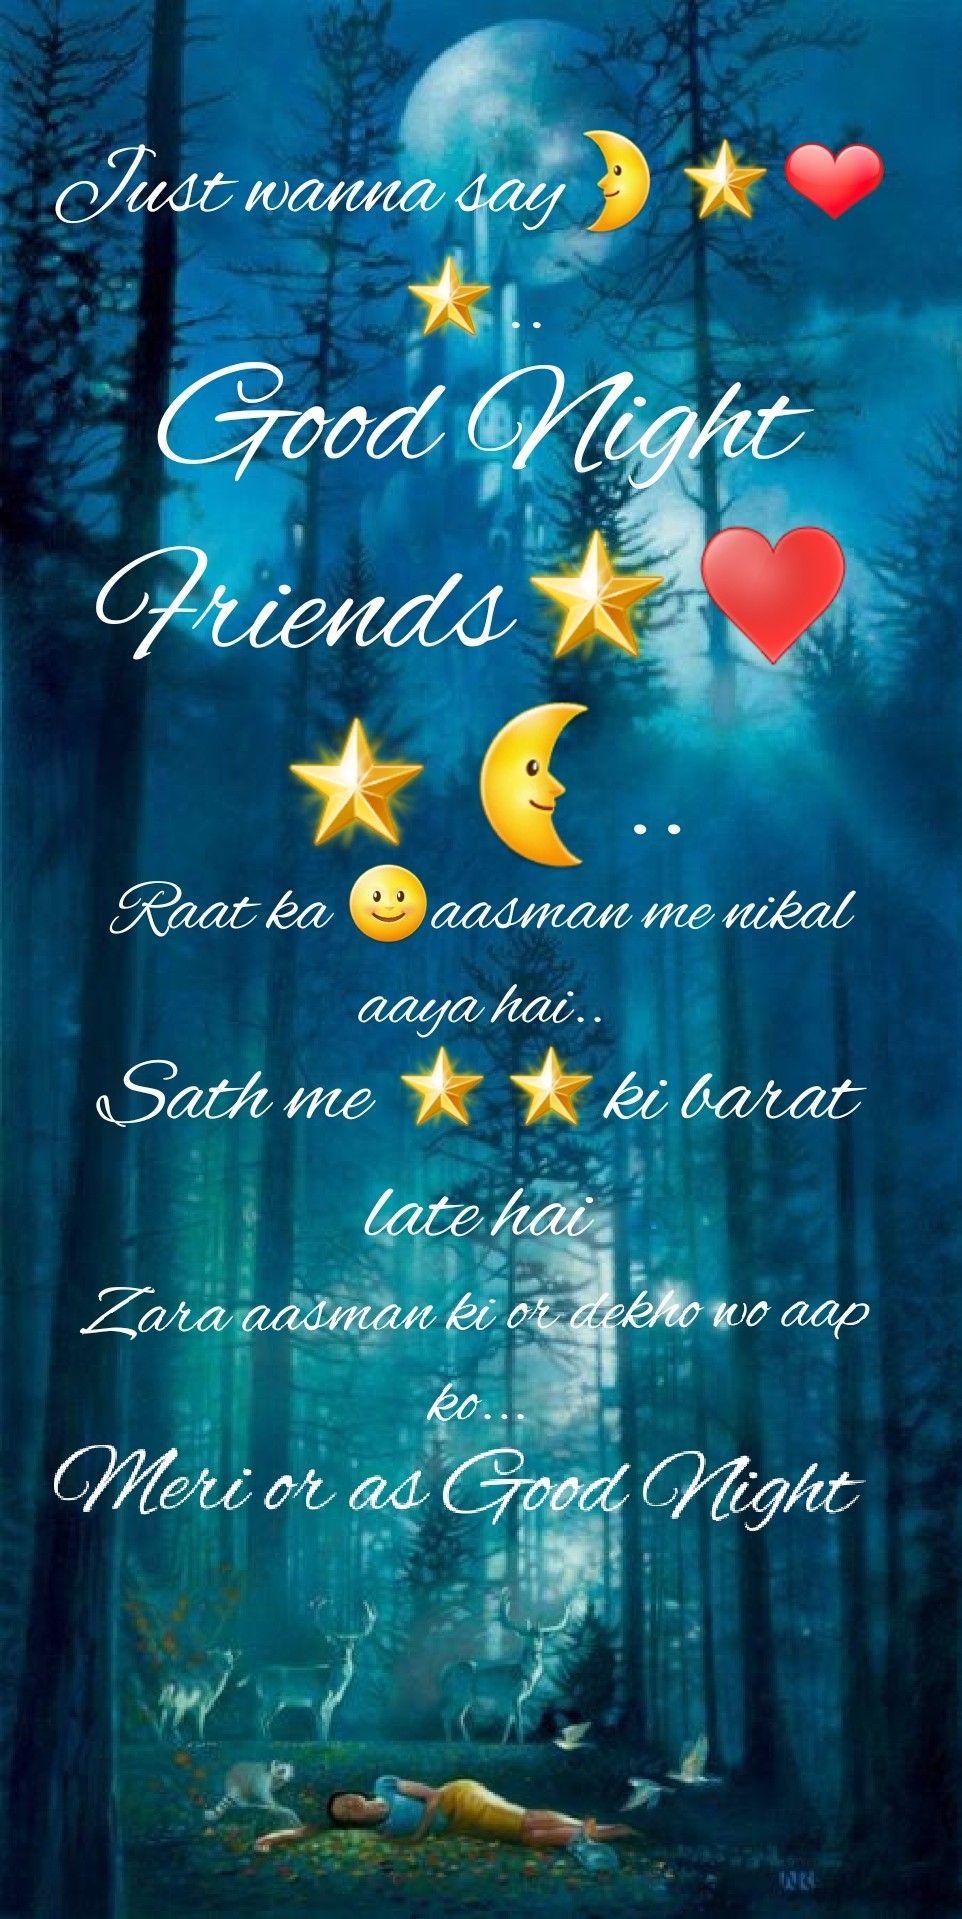 Pin by RADHIKA BAISAA SHEKHAWAT on Nights Good night